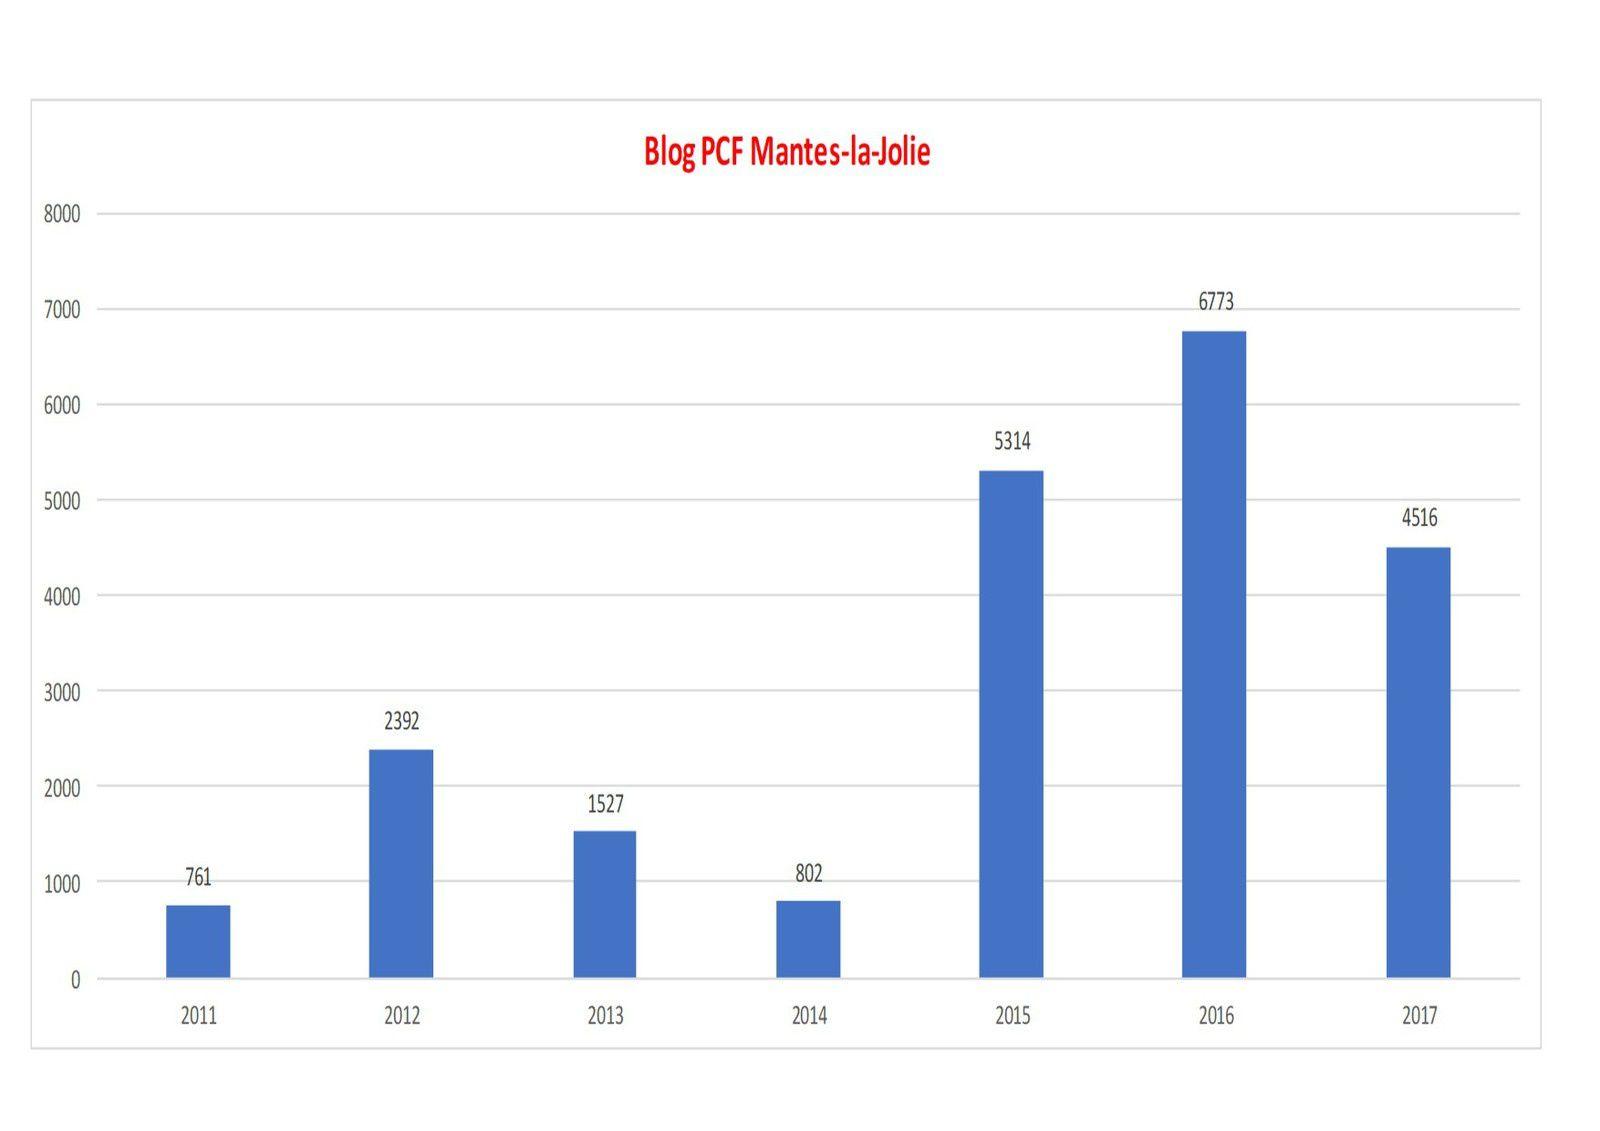 511 visiteurs uniques sur ce blog en mars 2018